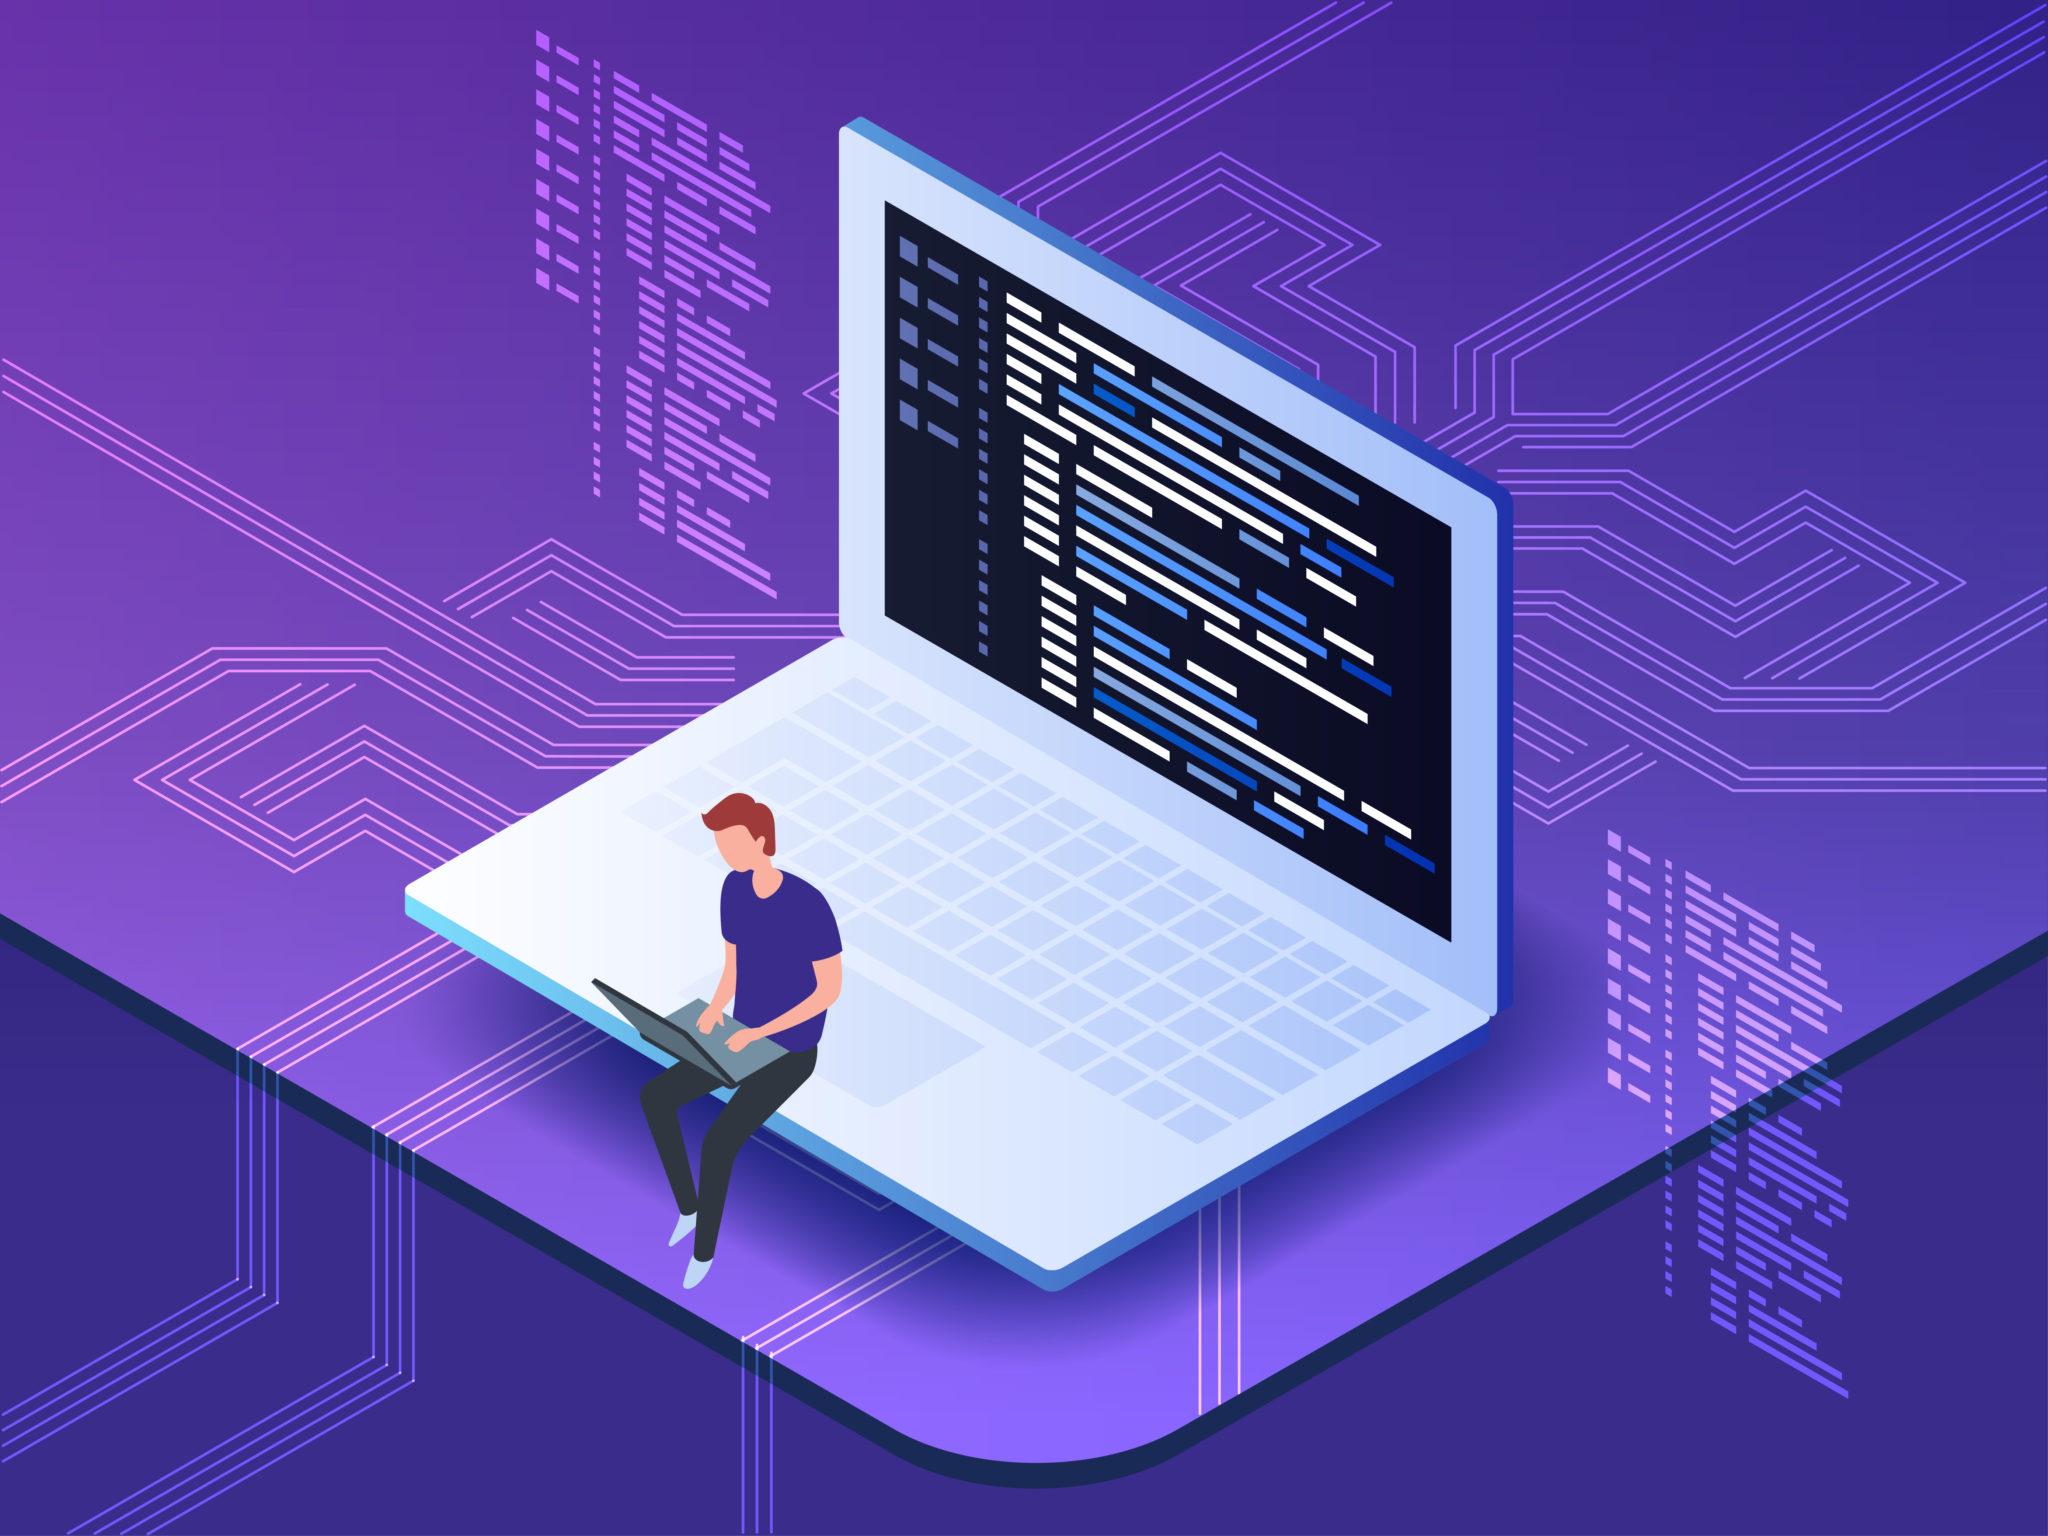 برنامه نویسان - اشتغال در اموزشگاه